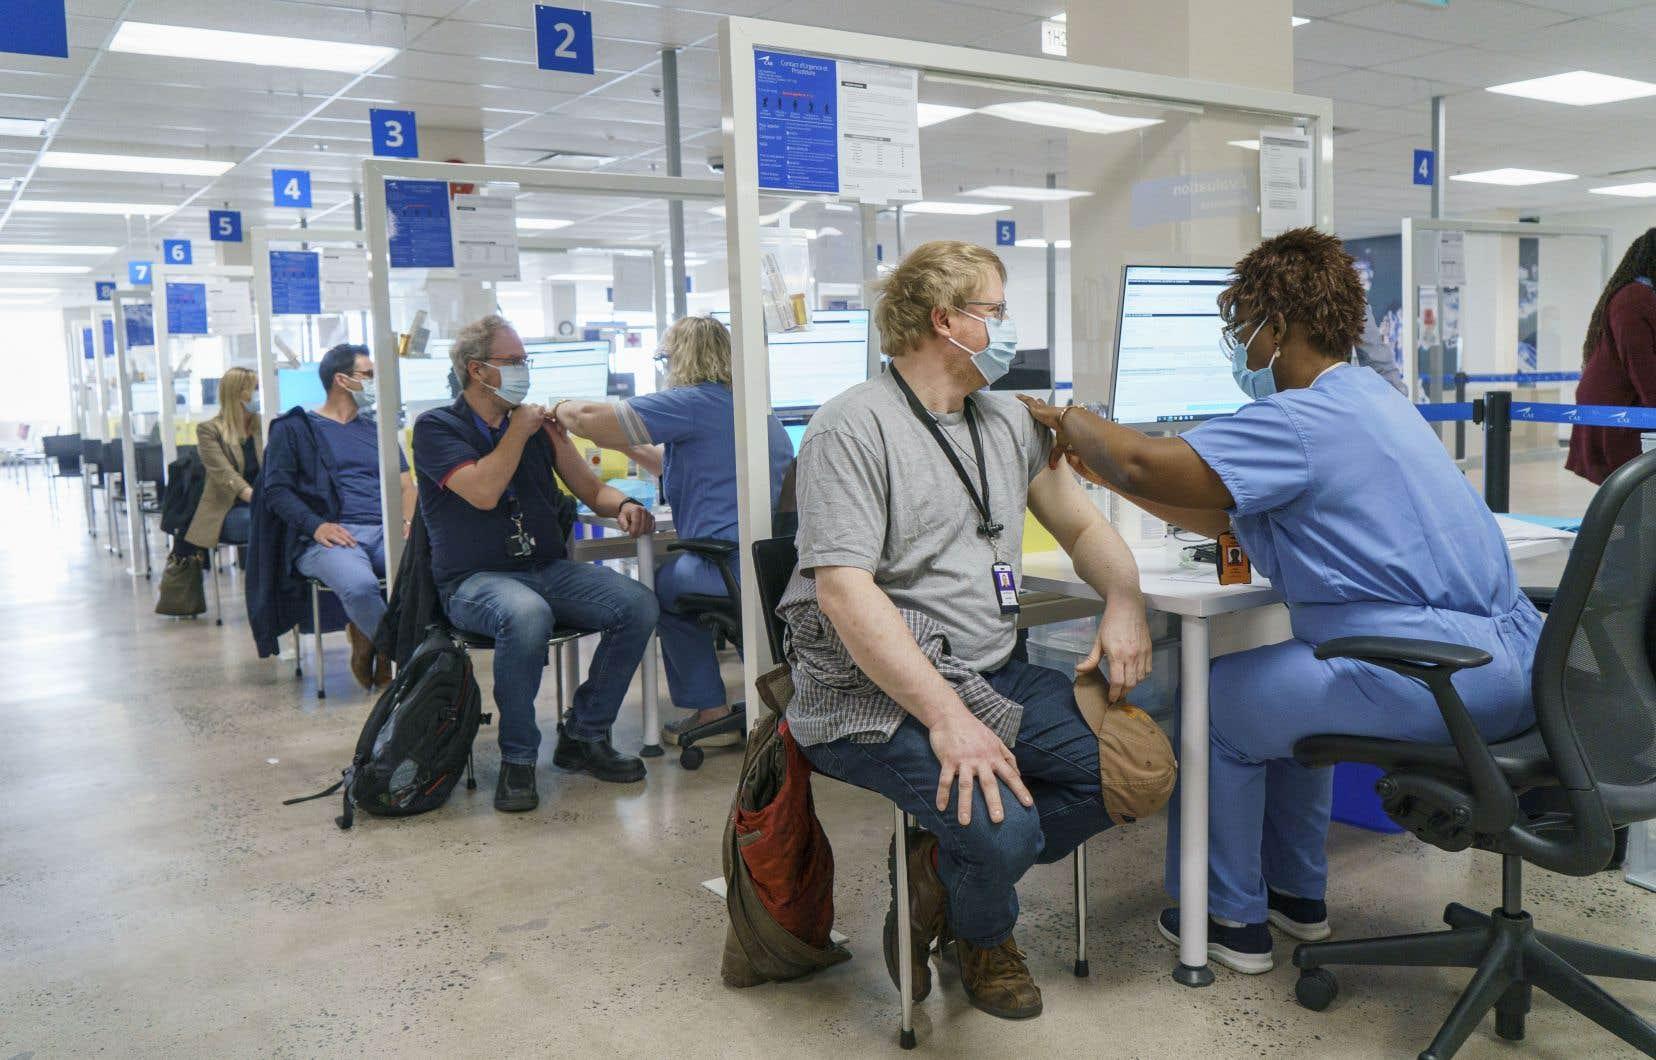 L'entreprise de technologies de simulation CAE a aménagé un centre de vaccination de plus de 1000 m2 (12 000 pi2), dans son siège social, à Montréal, qui permettra de vacciner jusqu'à 1000 personnes par jour.